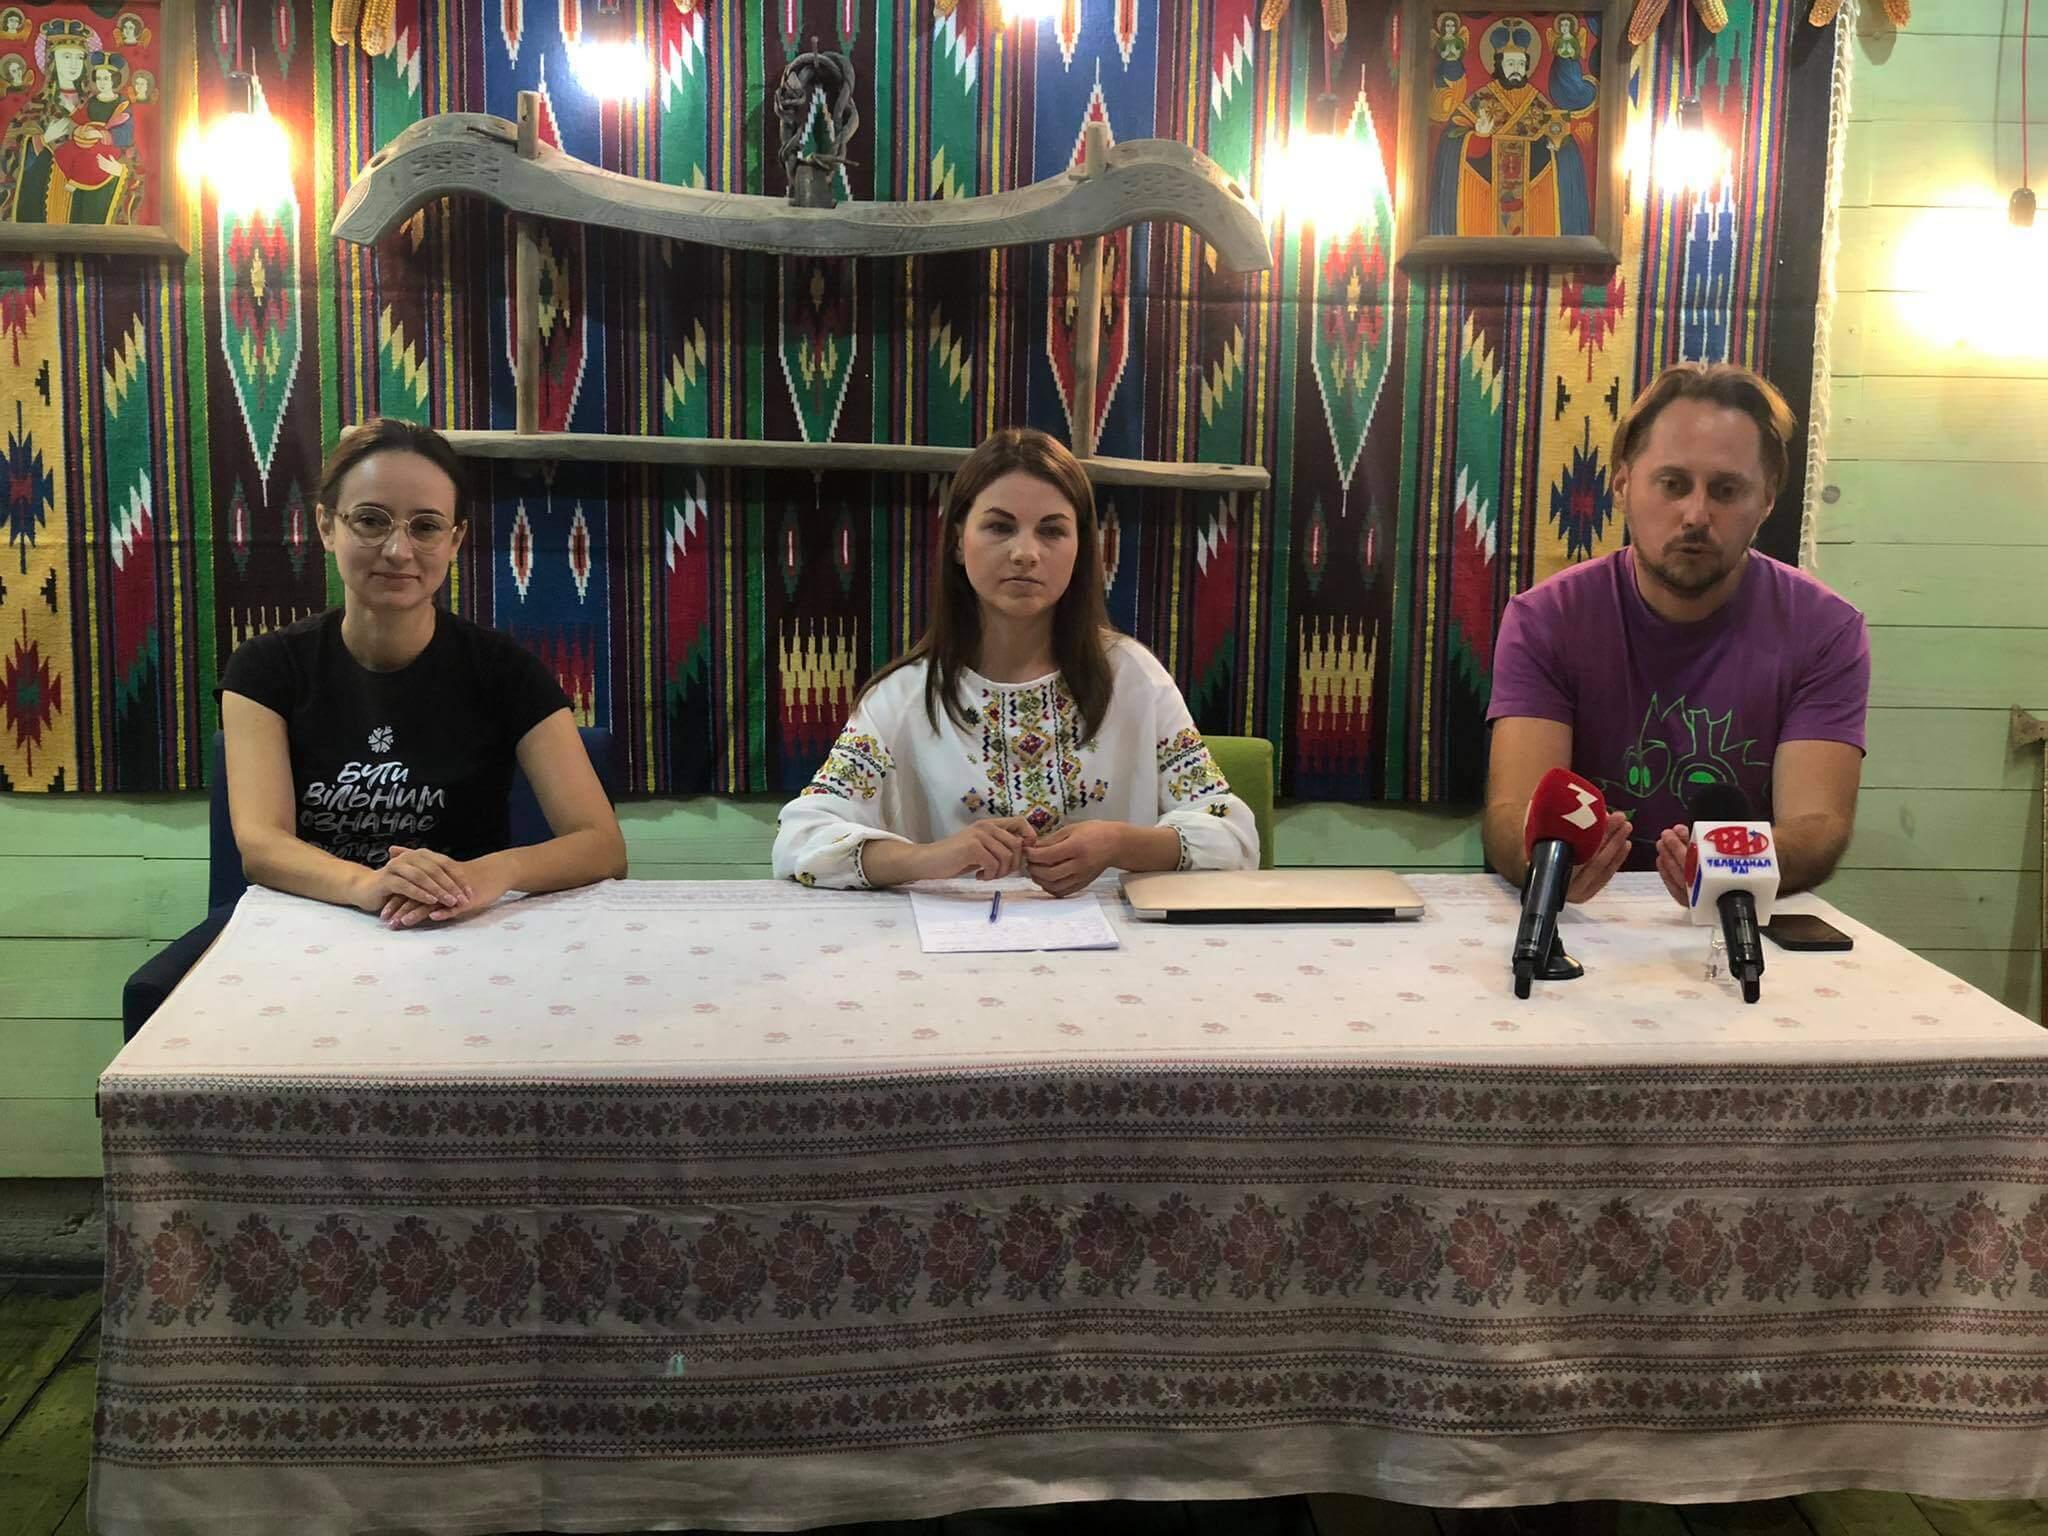 «Скуштувати місцеву кухню, яку любили літератори»: у Франківську та на Верховинщині готують новий туристичний гастротур